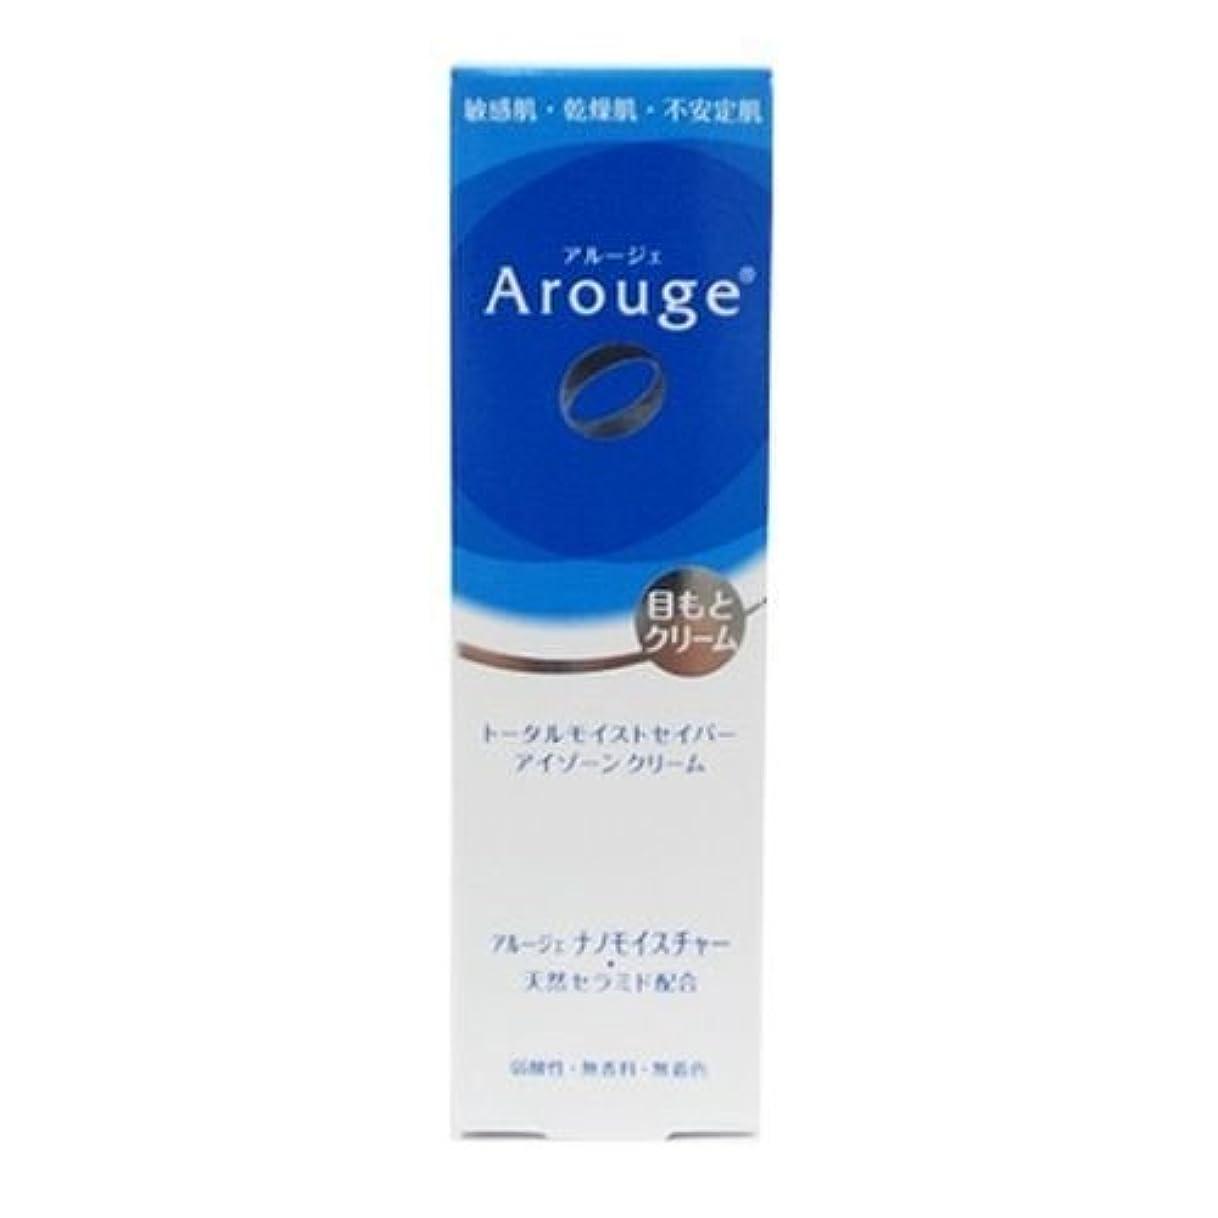 スーツケース老人モニカアルージェ(Arouge)トータルモイストセイバー アイゾーンクリーム 15g